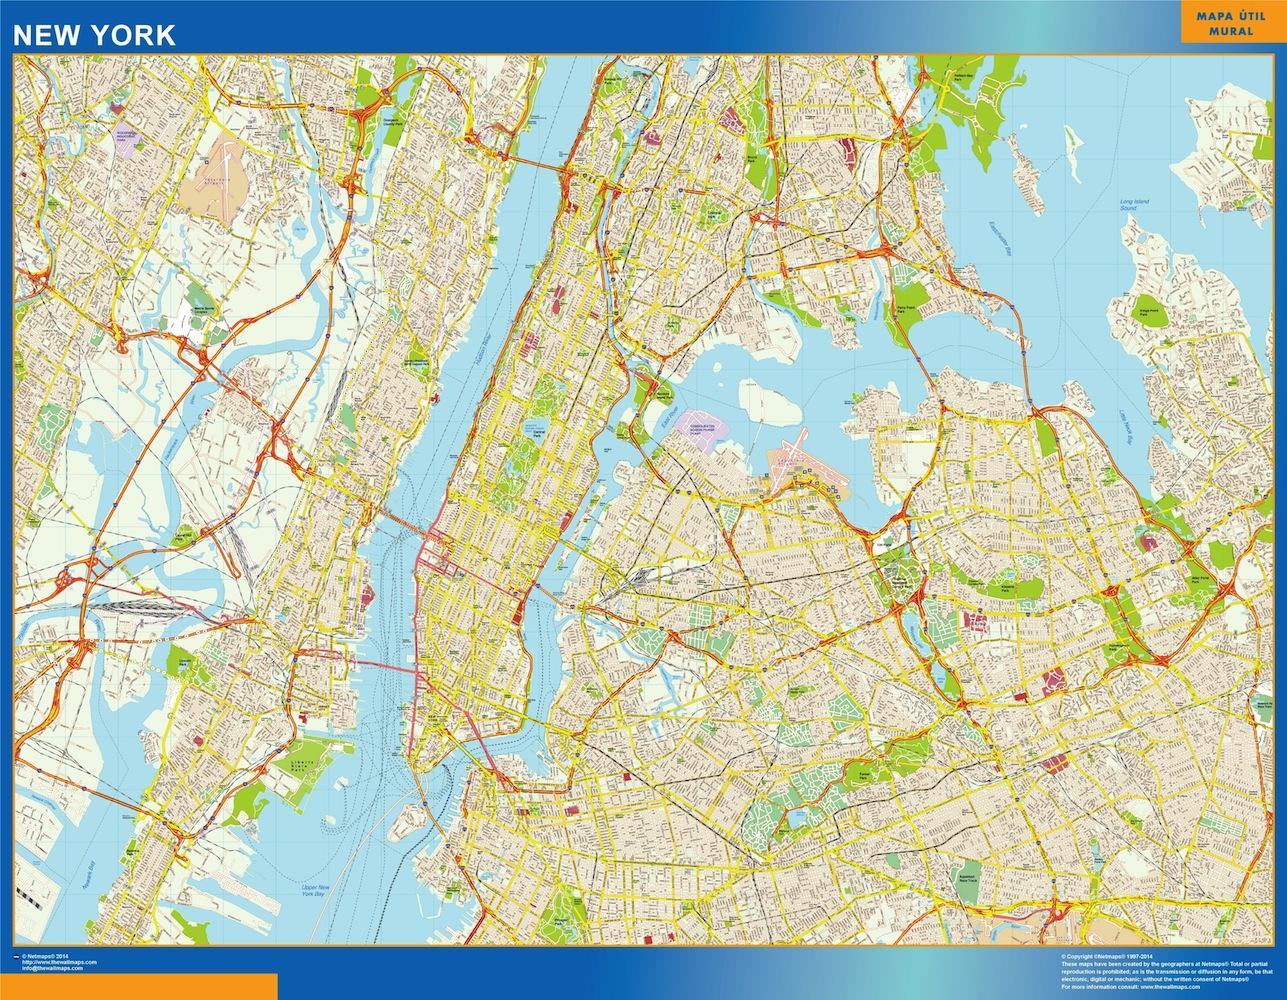 Mapa Nueva York Env 237 O Mapas Gratis En Espa 241 A Pen 237 Nsular